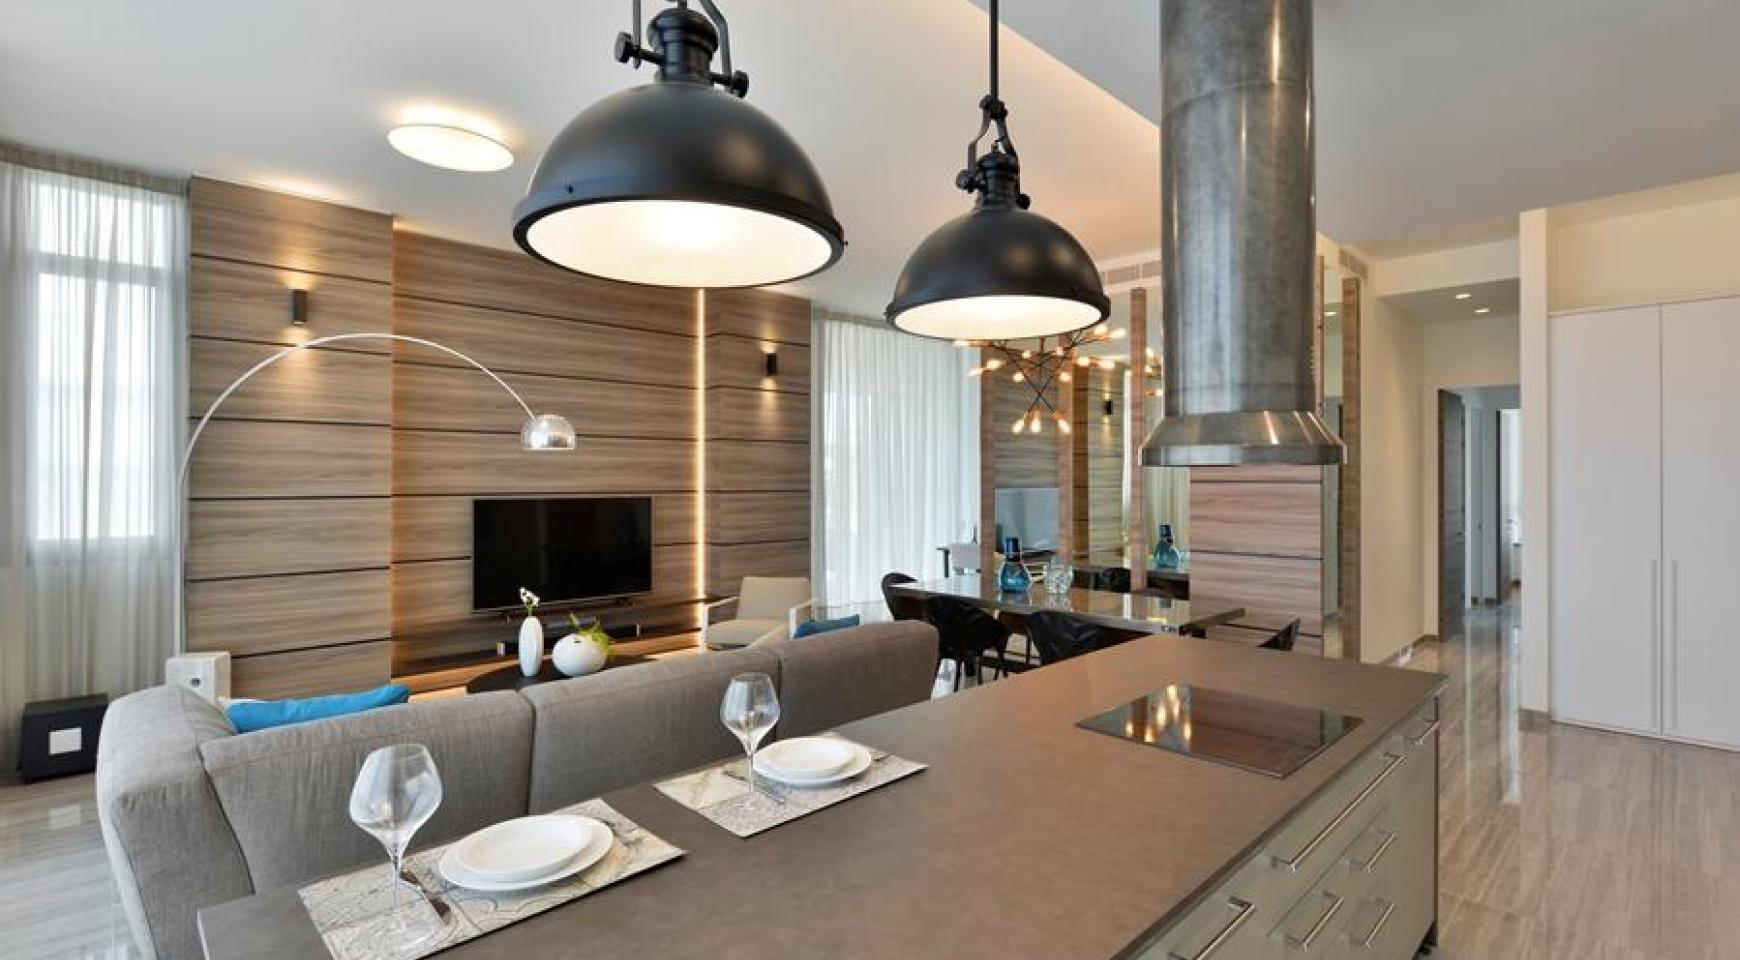 Новая Элитная 2-Спальная Квартира с Видом на Море в Туристической Зоне - 5